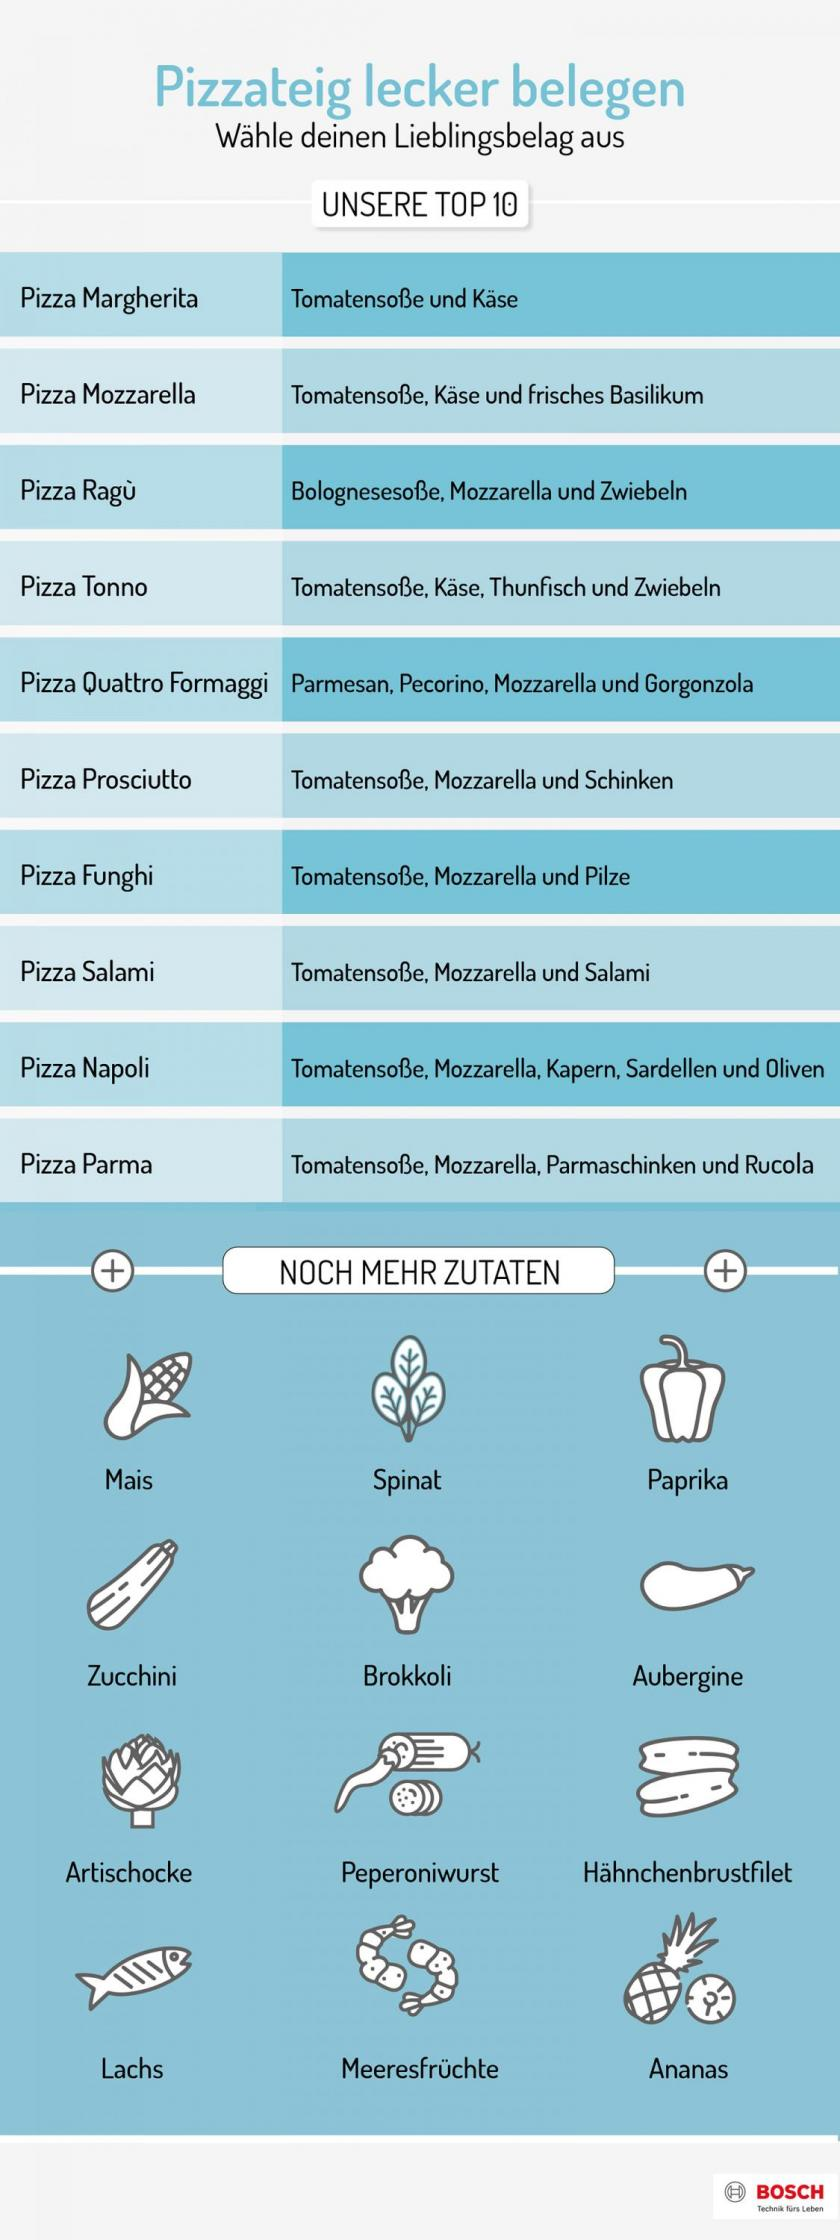 Grafik wie sich Pizzateig belegen lässt.